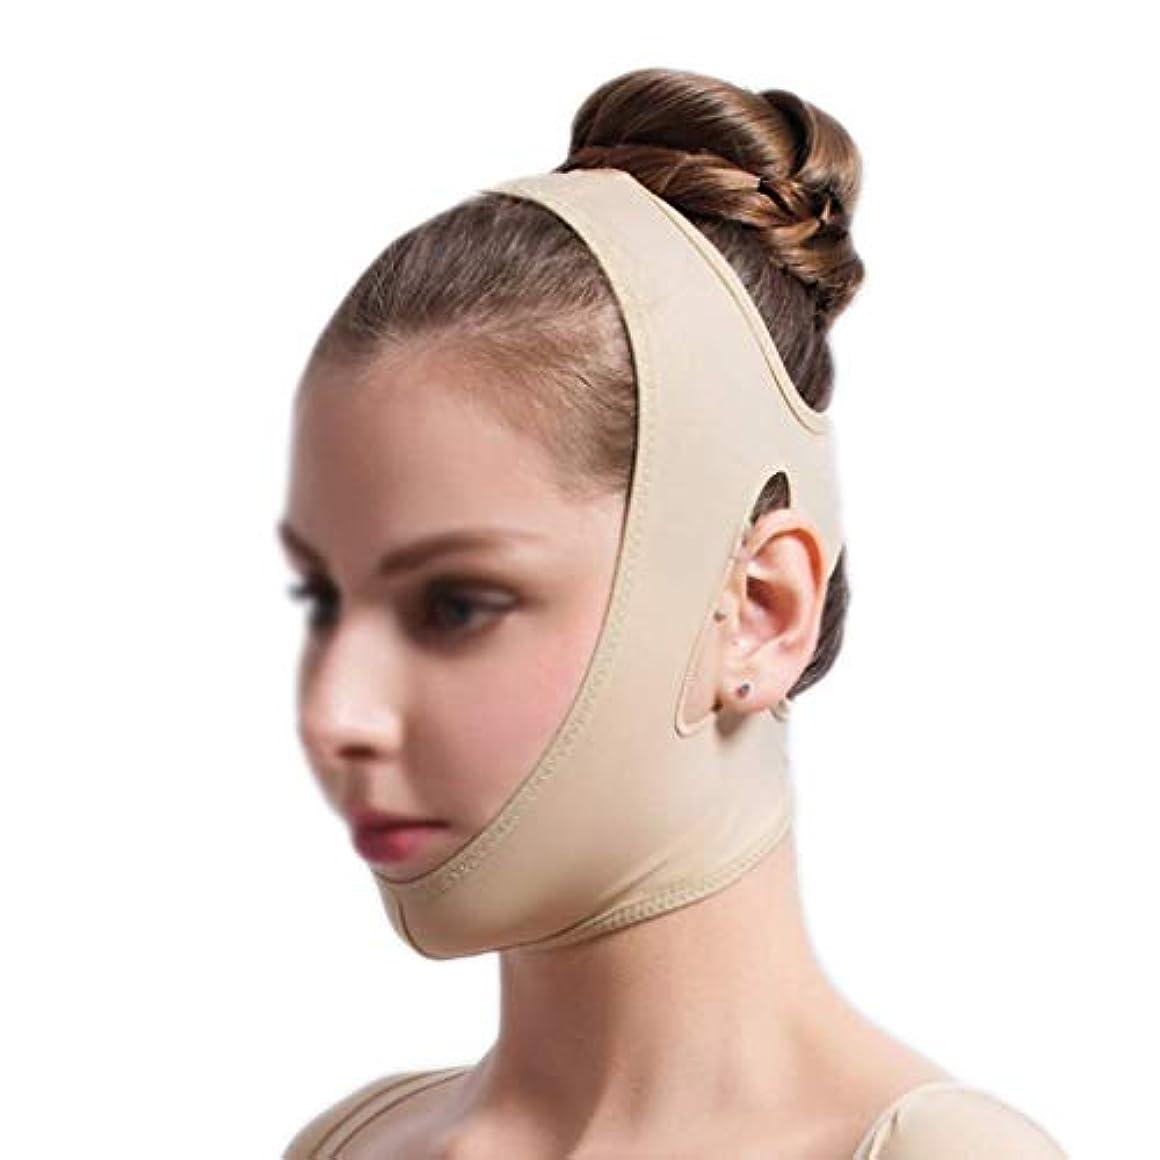 バブル収容するラフトフェイスリフティングバンデージ、フェイシャル減量マスク、フェイシャルリフティングスリミングベルト、痩身チークマスク(サイズ:S),M